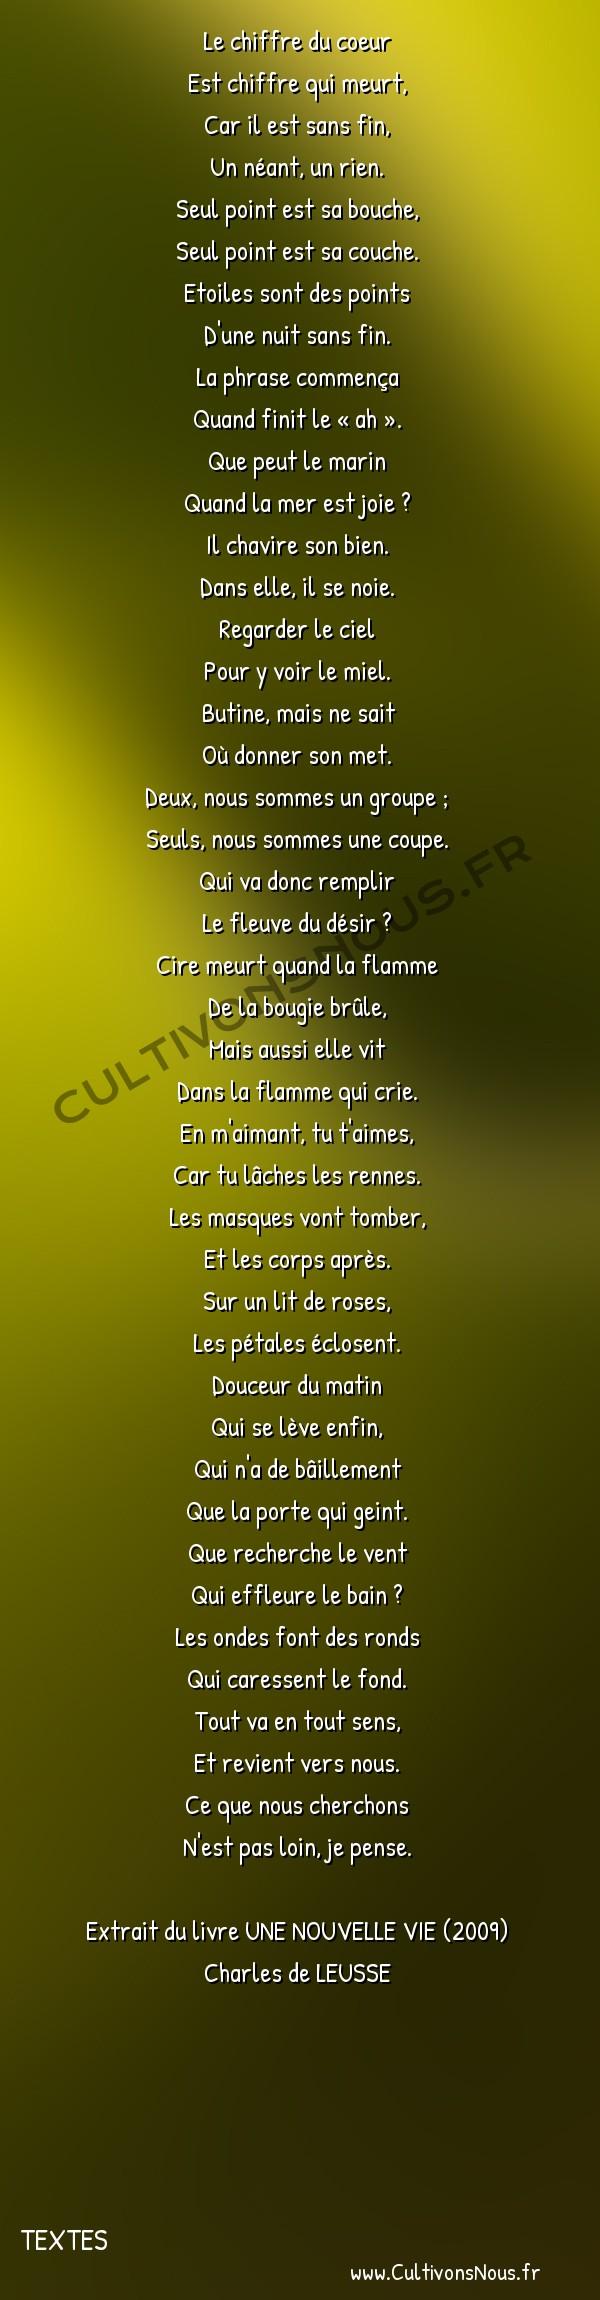 Poésie Charles de Leusse - Textes - Le Chiffre -  Le chiffre du coeur Est chiffre qui meurt,